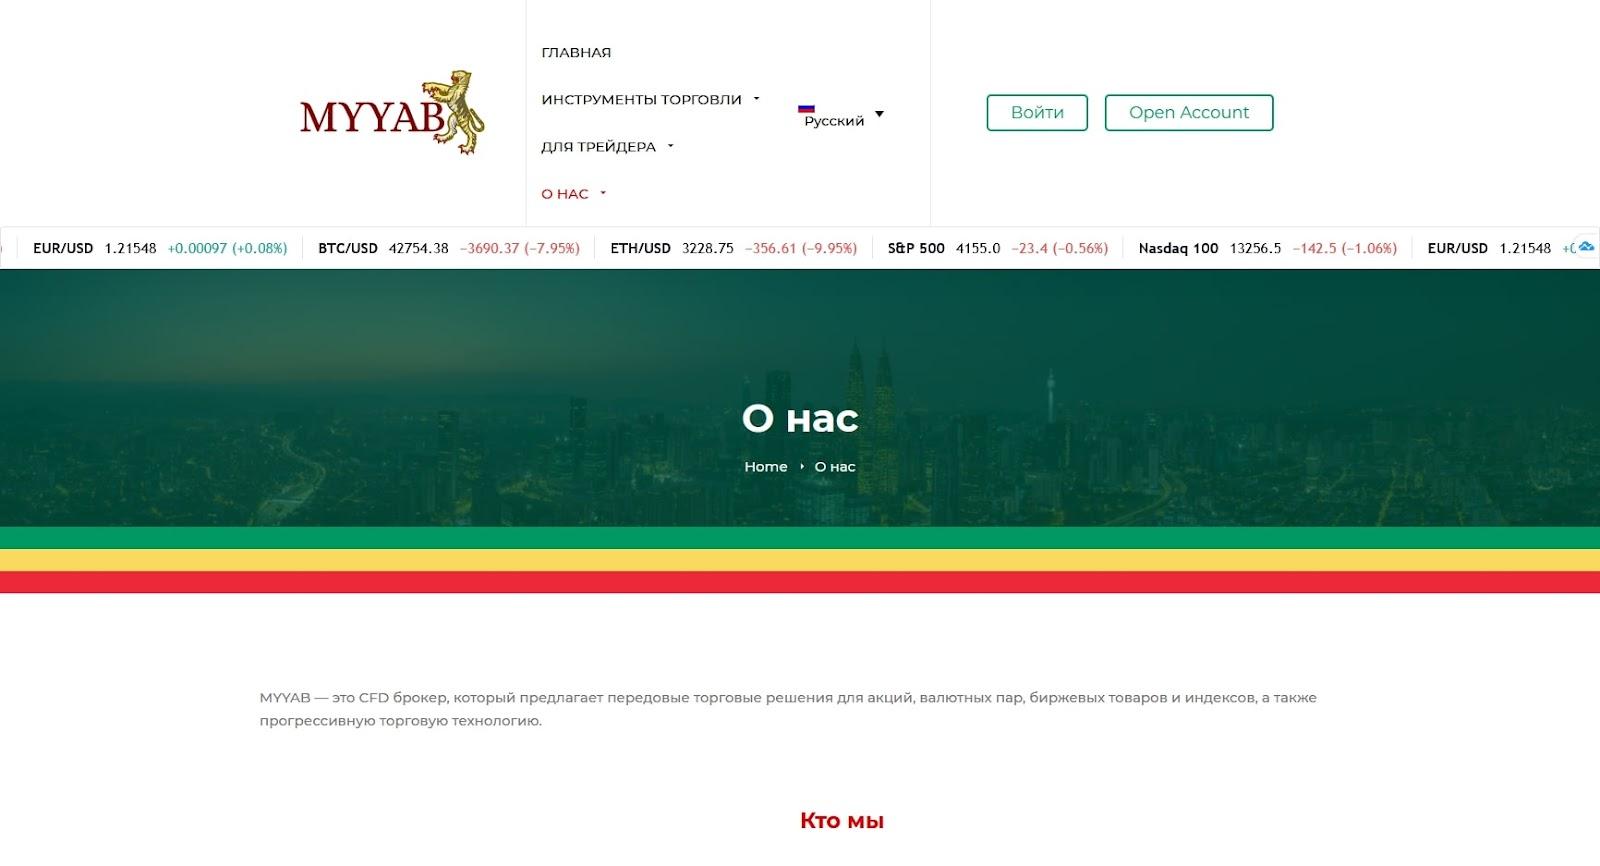 Обзор брокера MYYAB: анализ площадки и отзывов о деятельности компании реальные отзывы